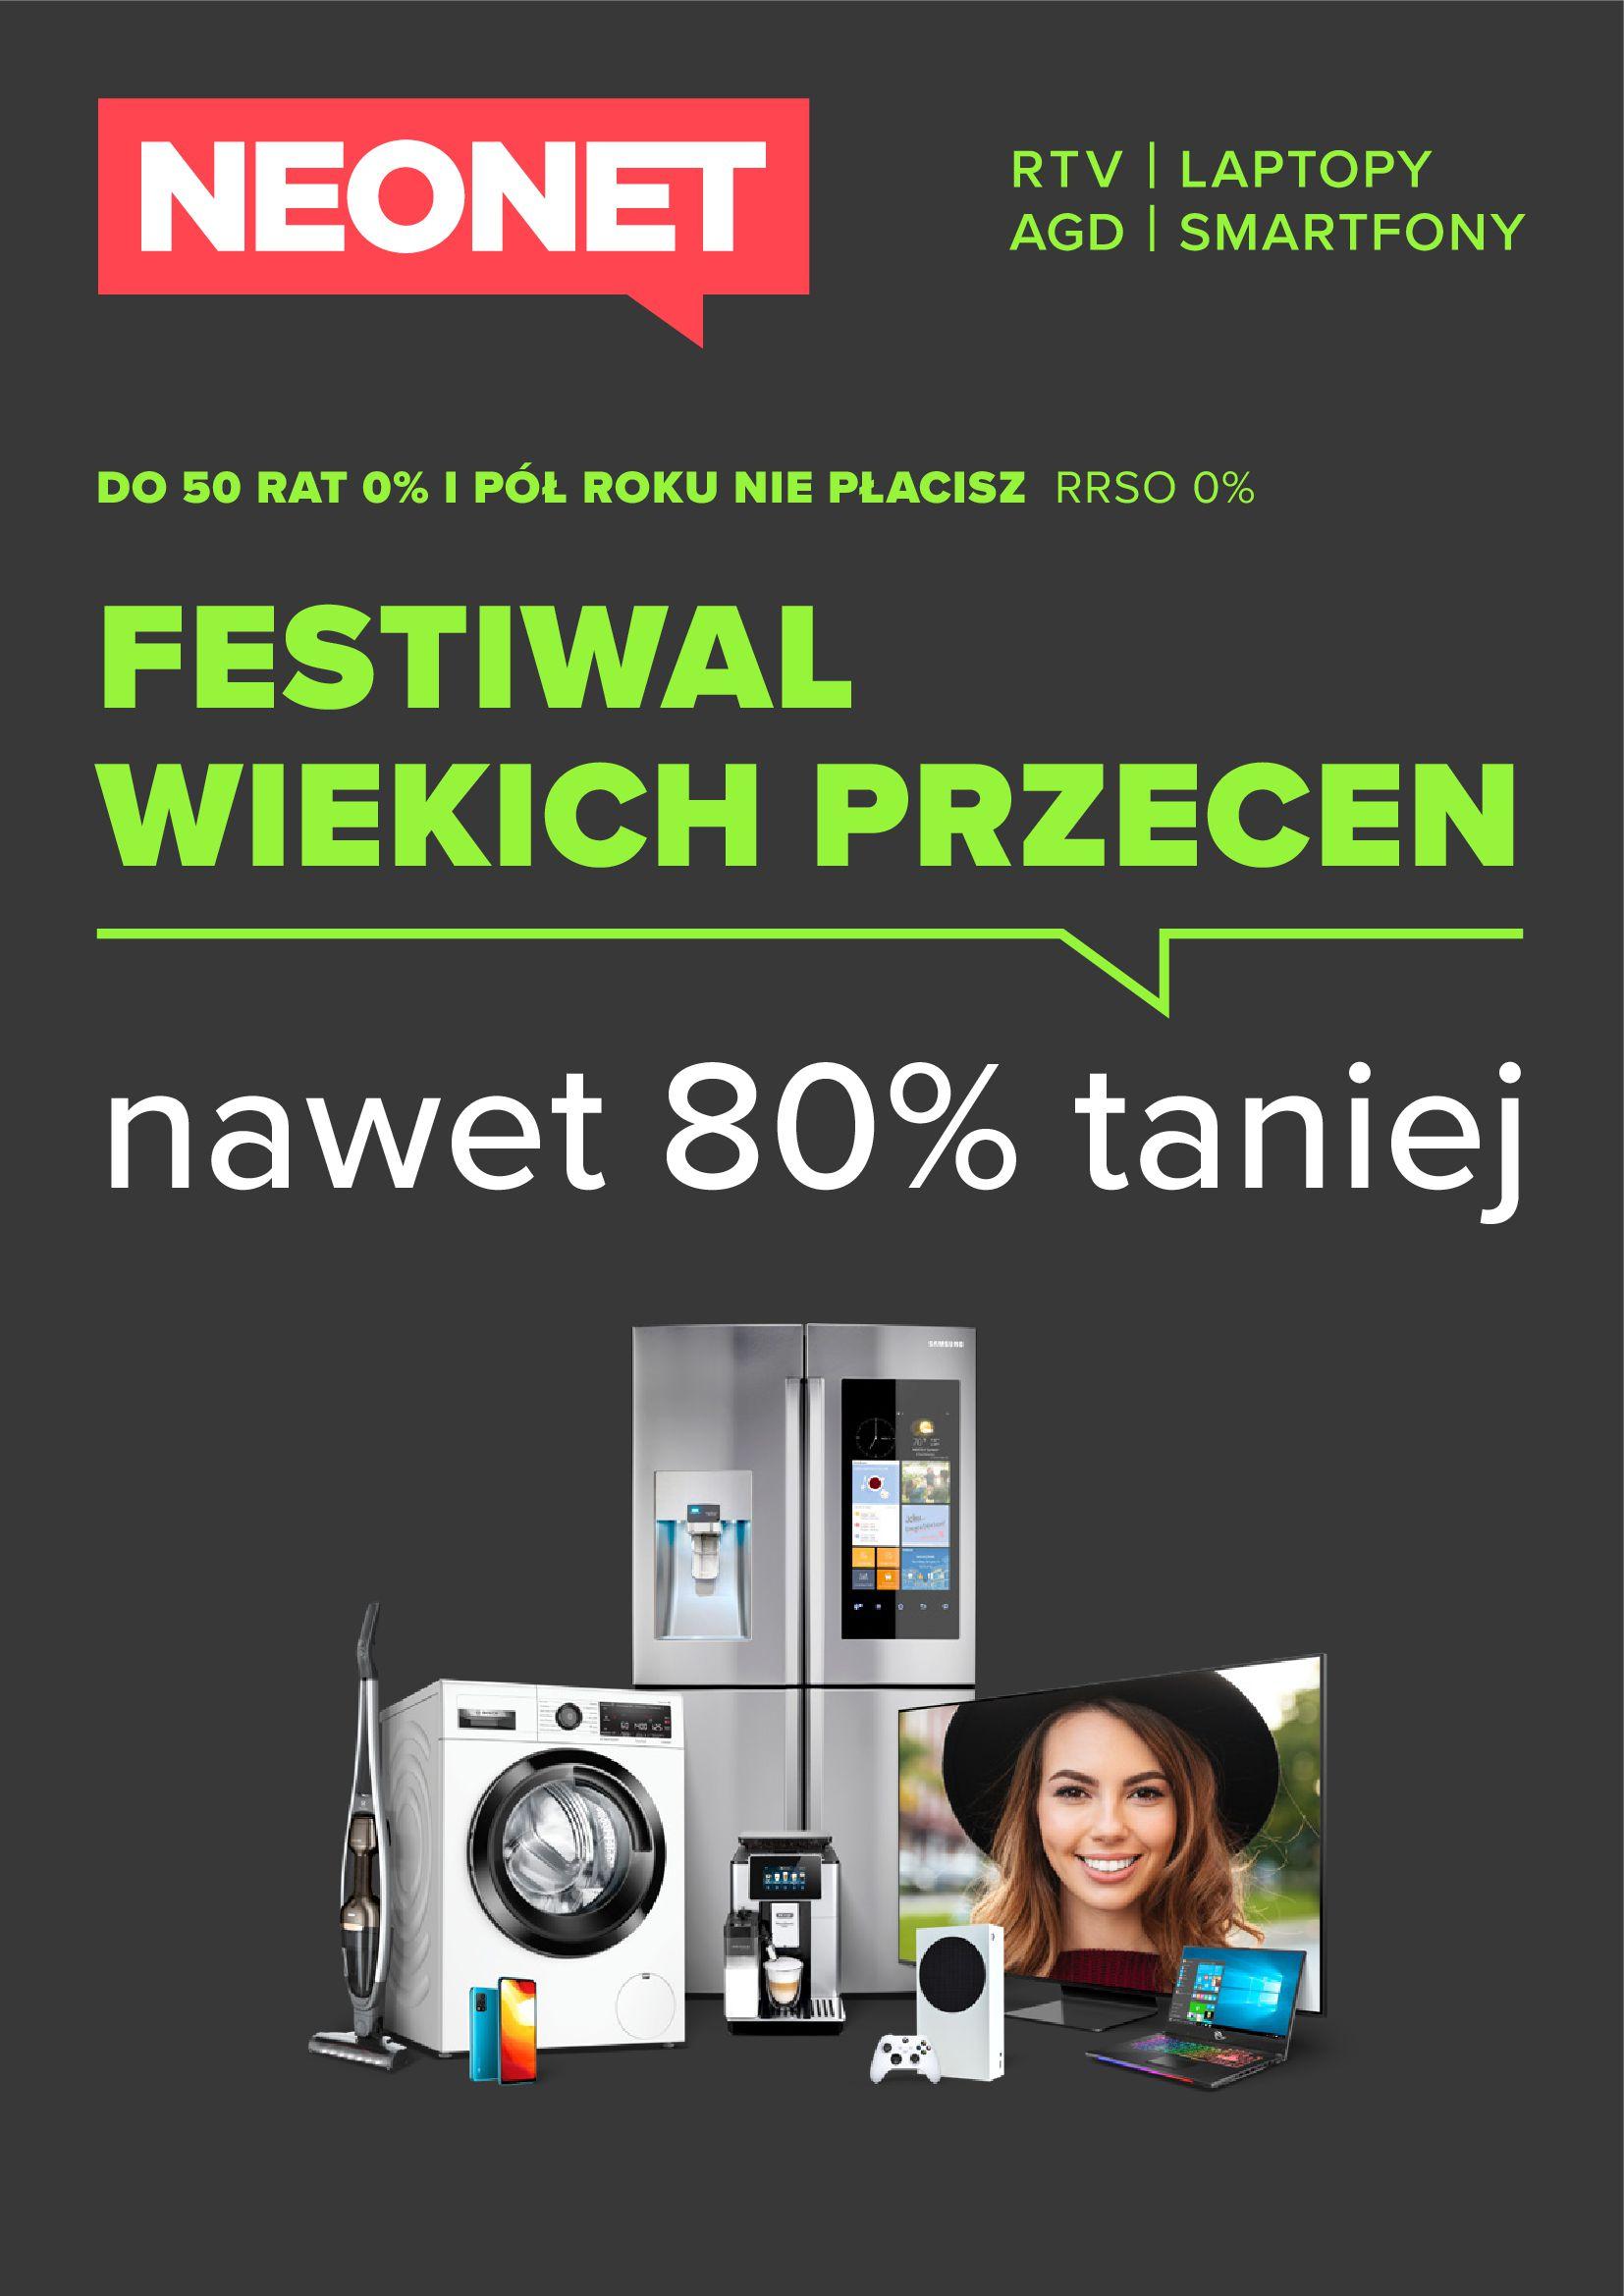 Neonet:  Gazetka Neonet - Festiwal wielkich przecen 12.05.2021